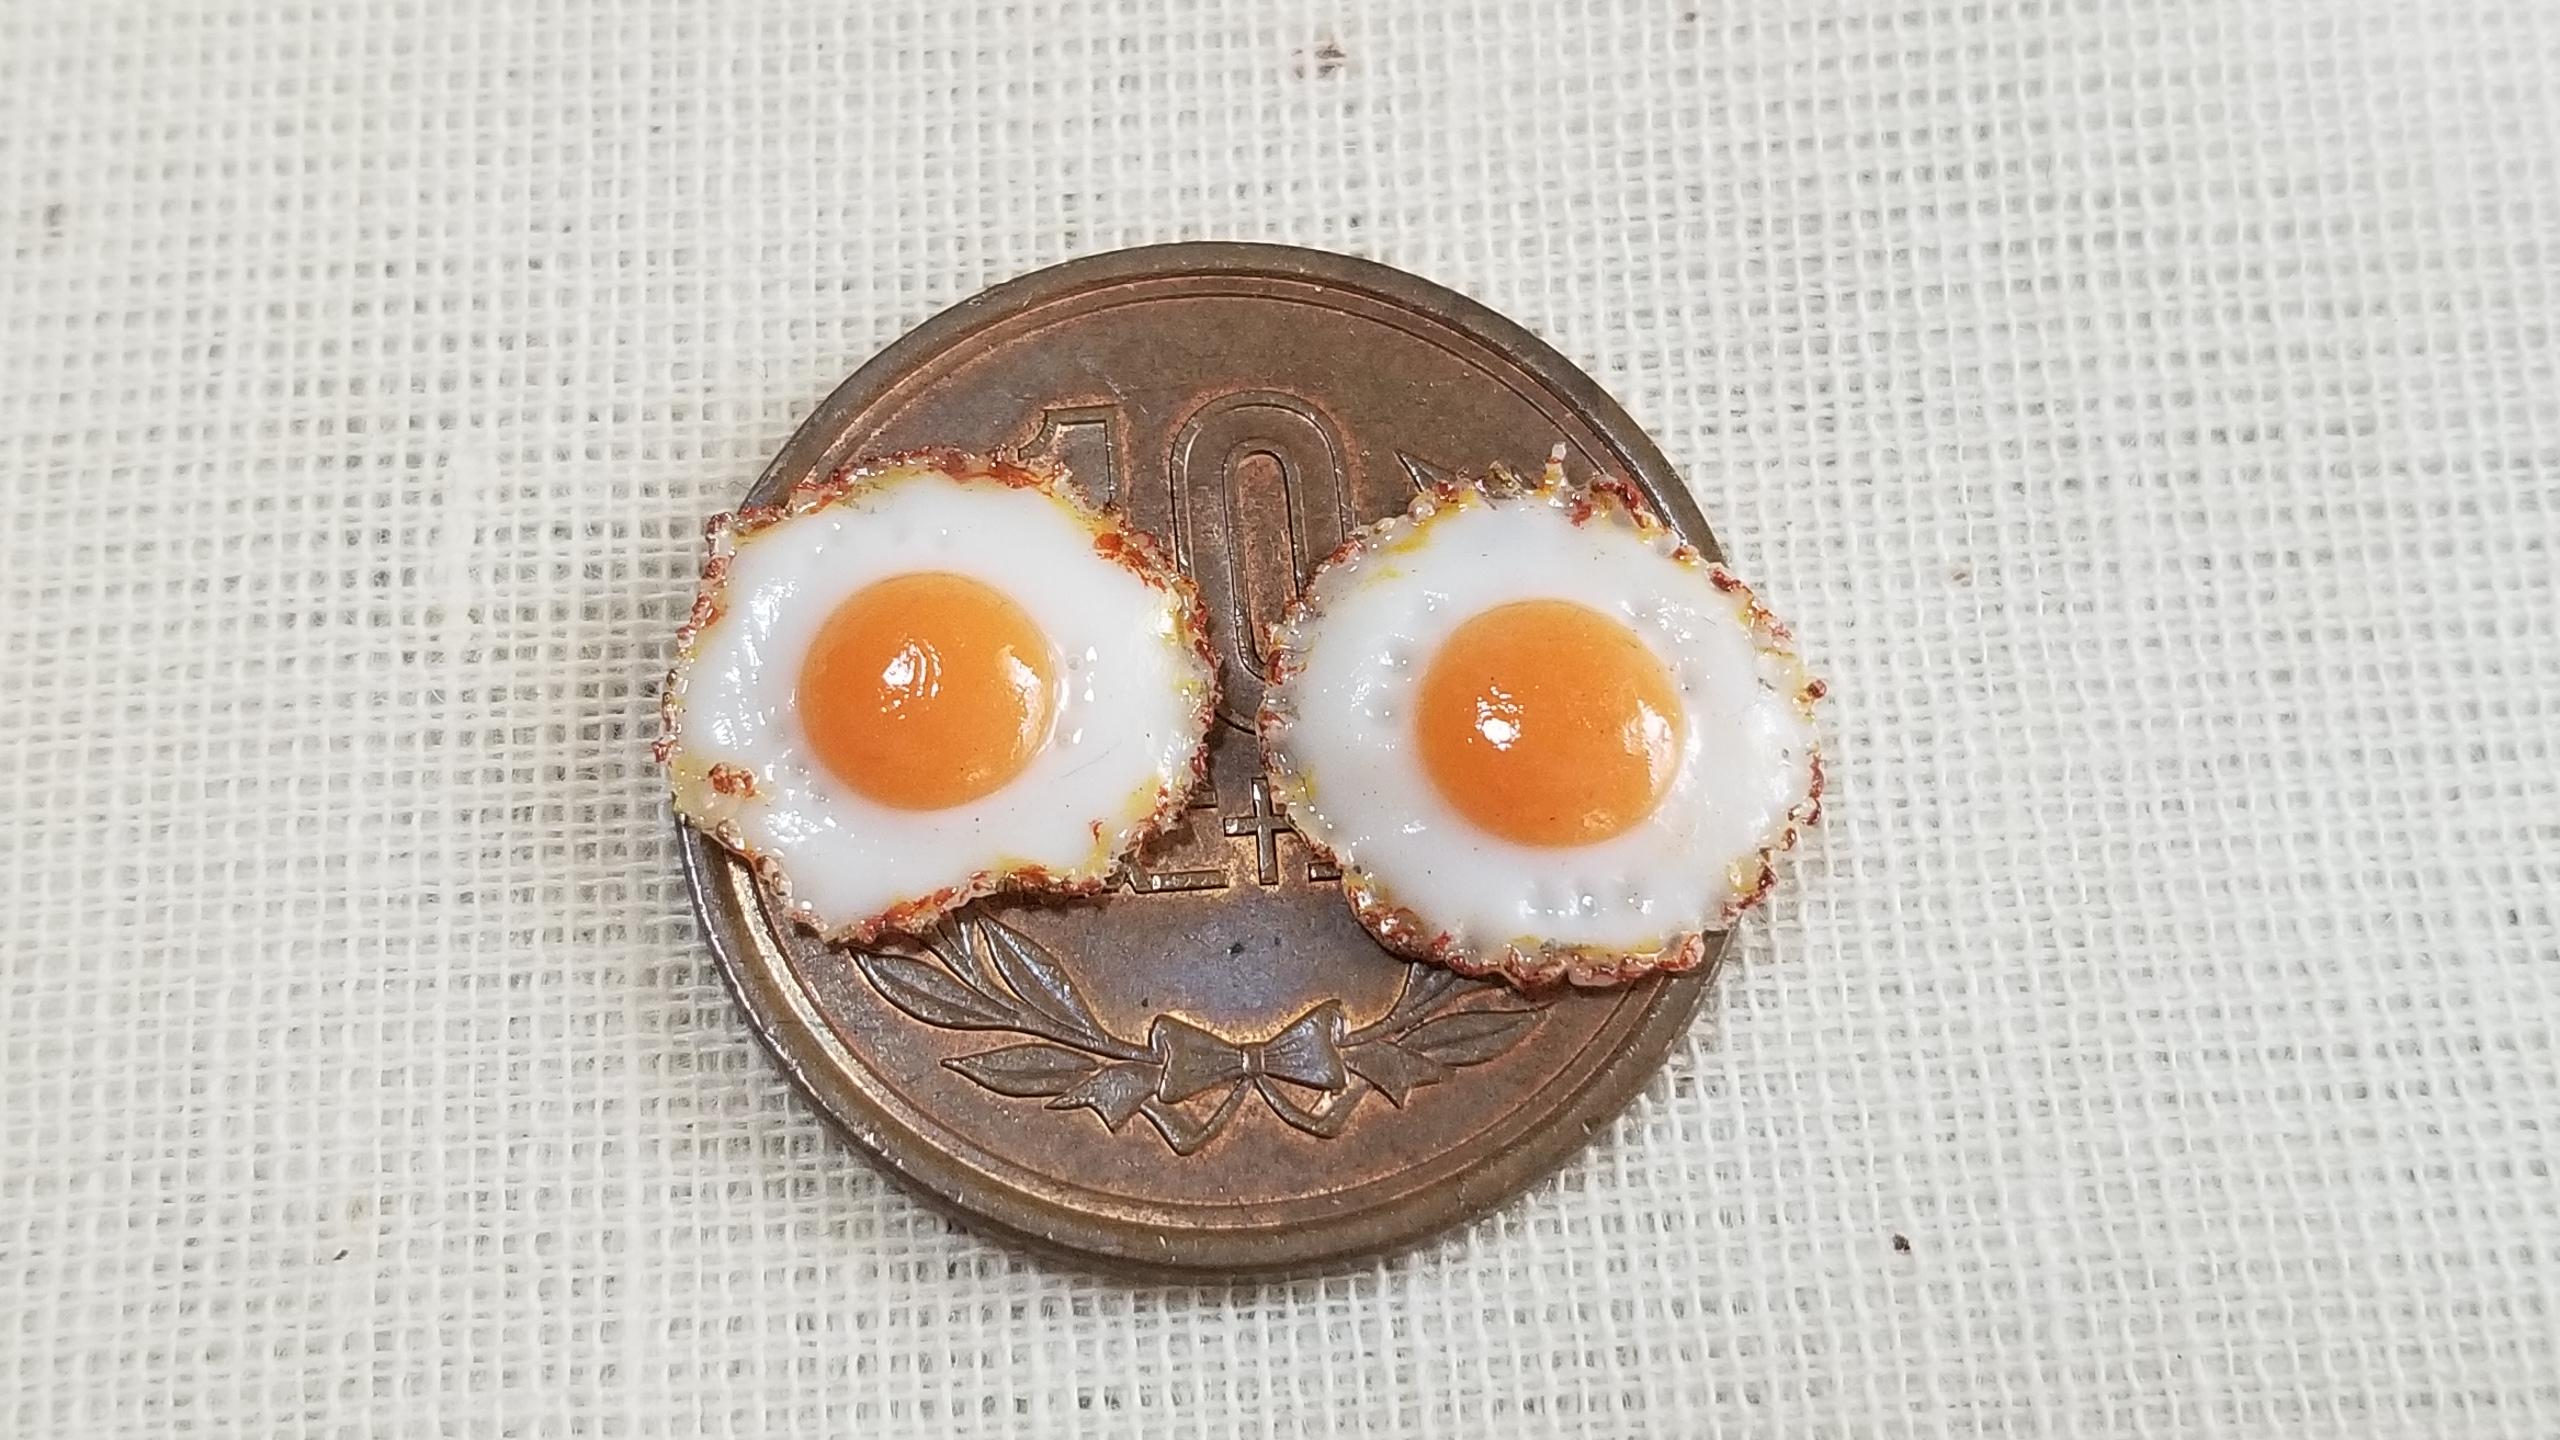 粘土なのにリアルで美味しそうな目玉焼き,朝食に,モーニングの定番